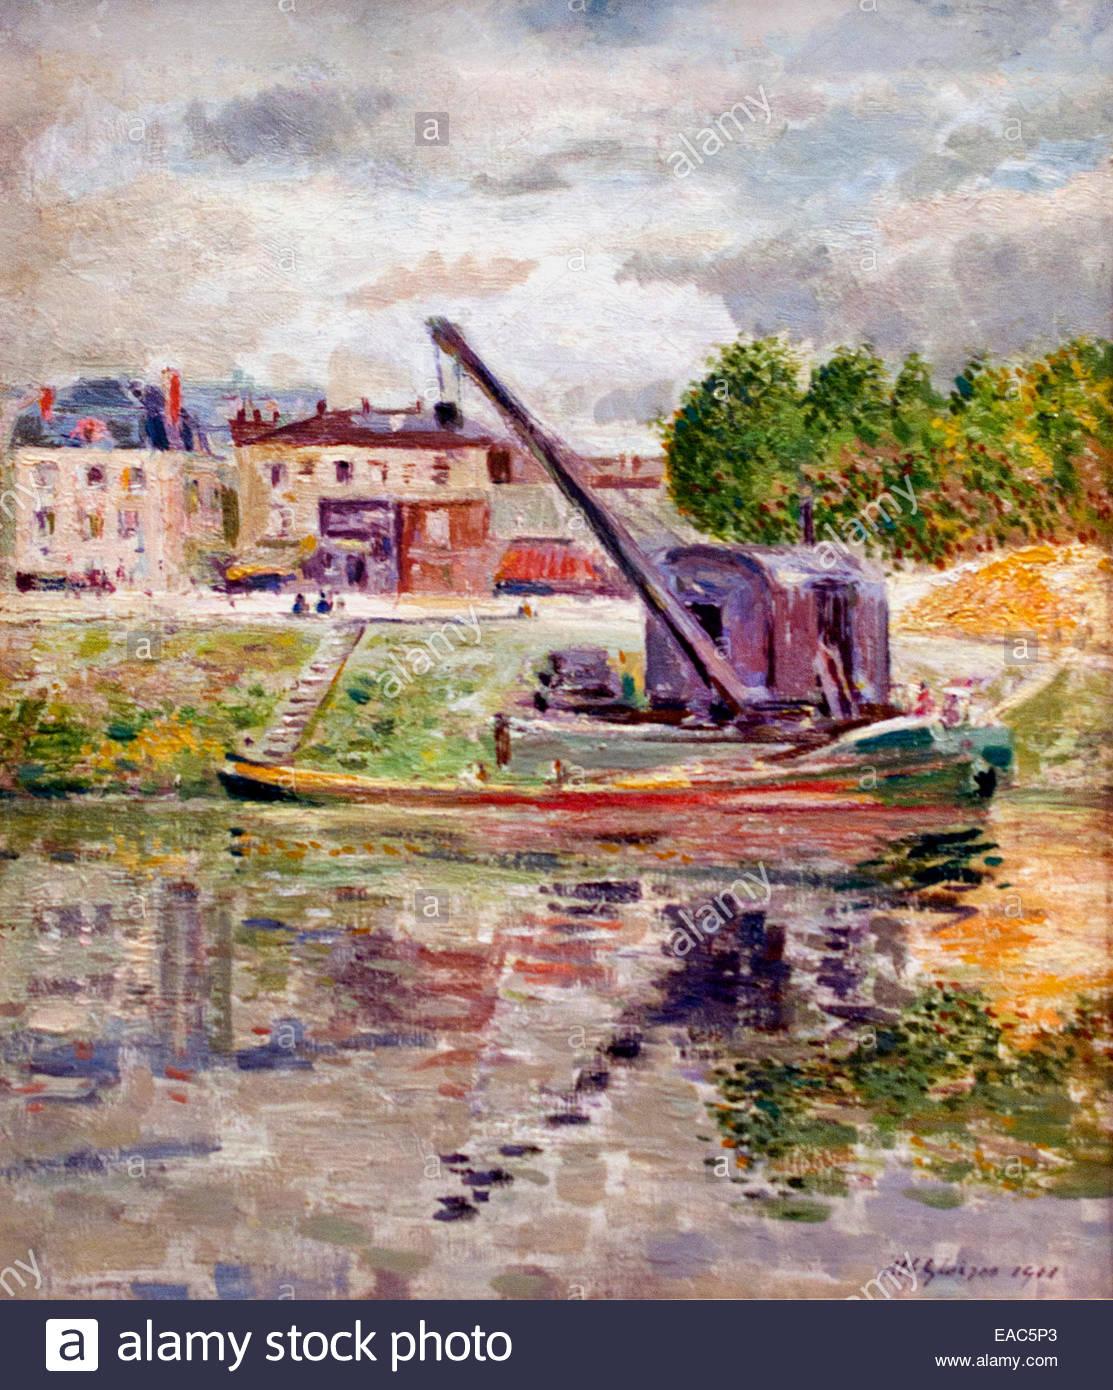 Bords de rivière - River banks in 1901 Albert Gleizes ( 1881 – 1953) France French - Stock Image